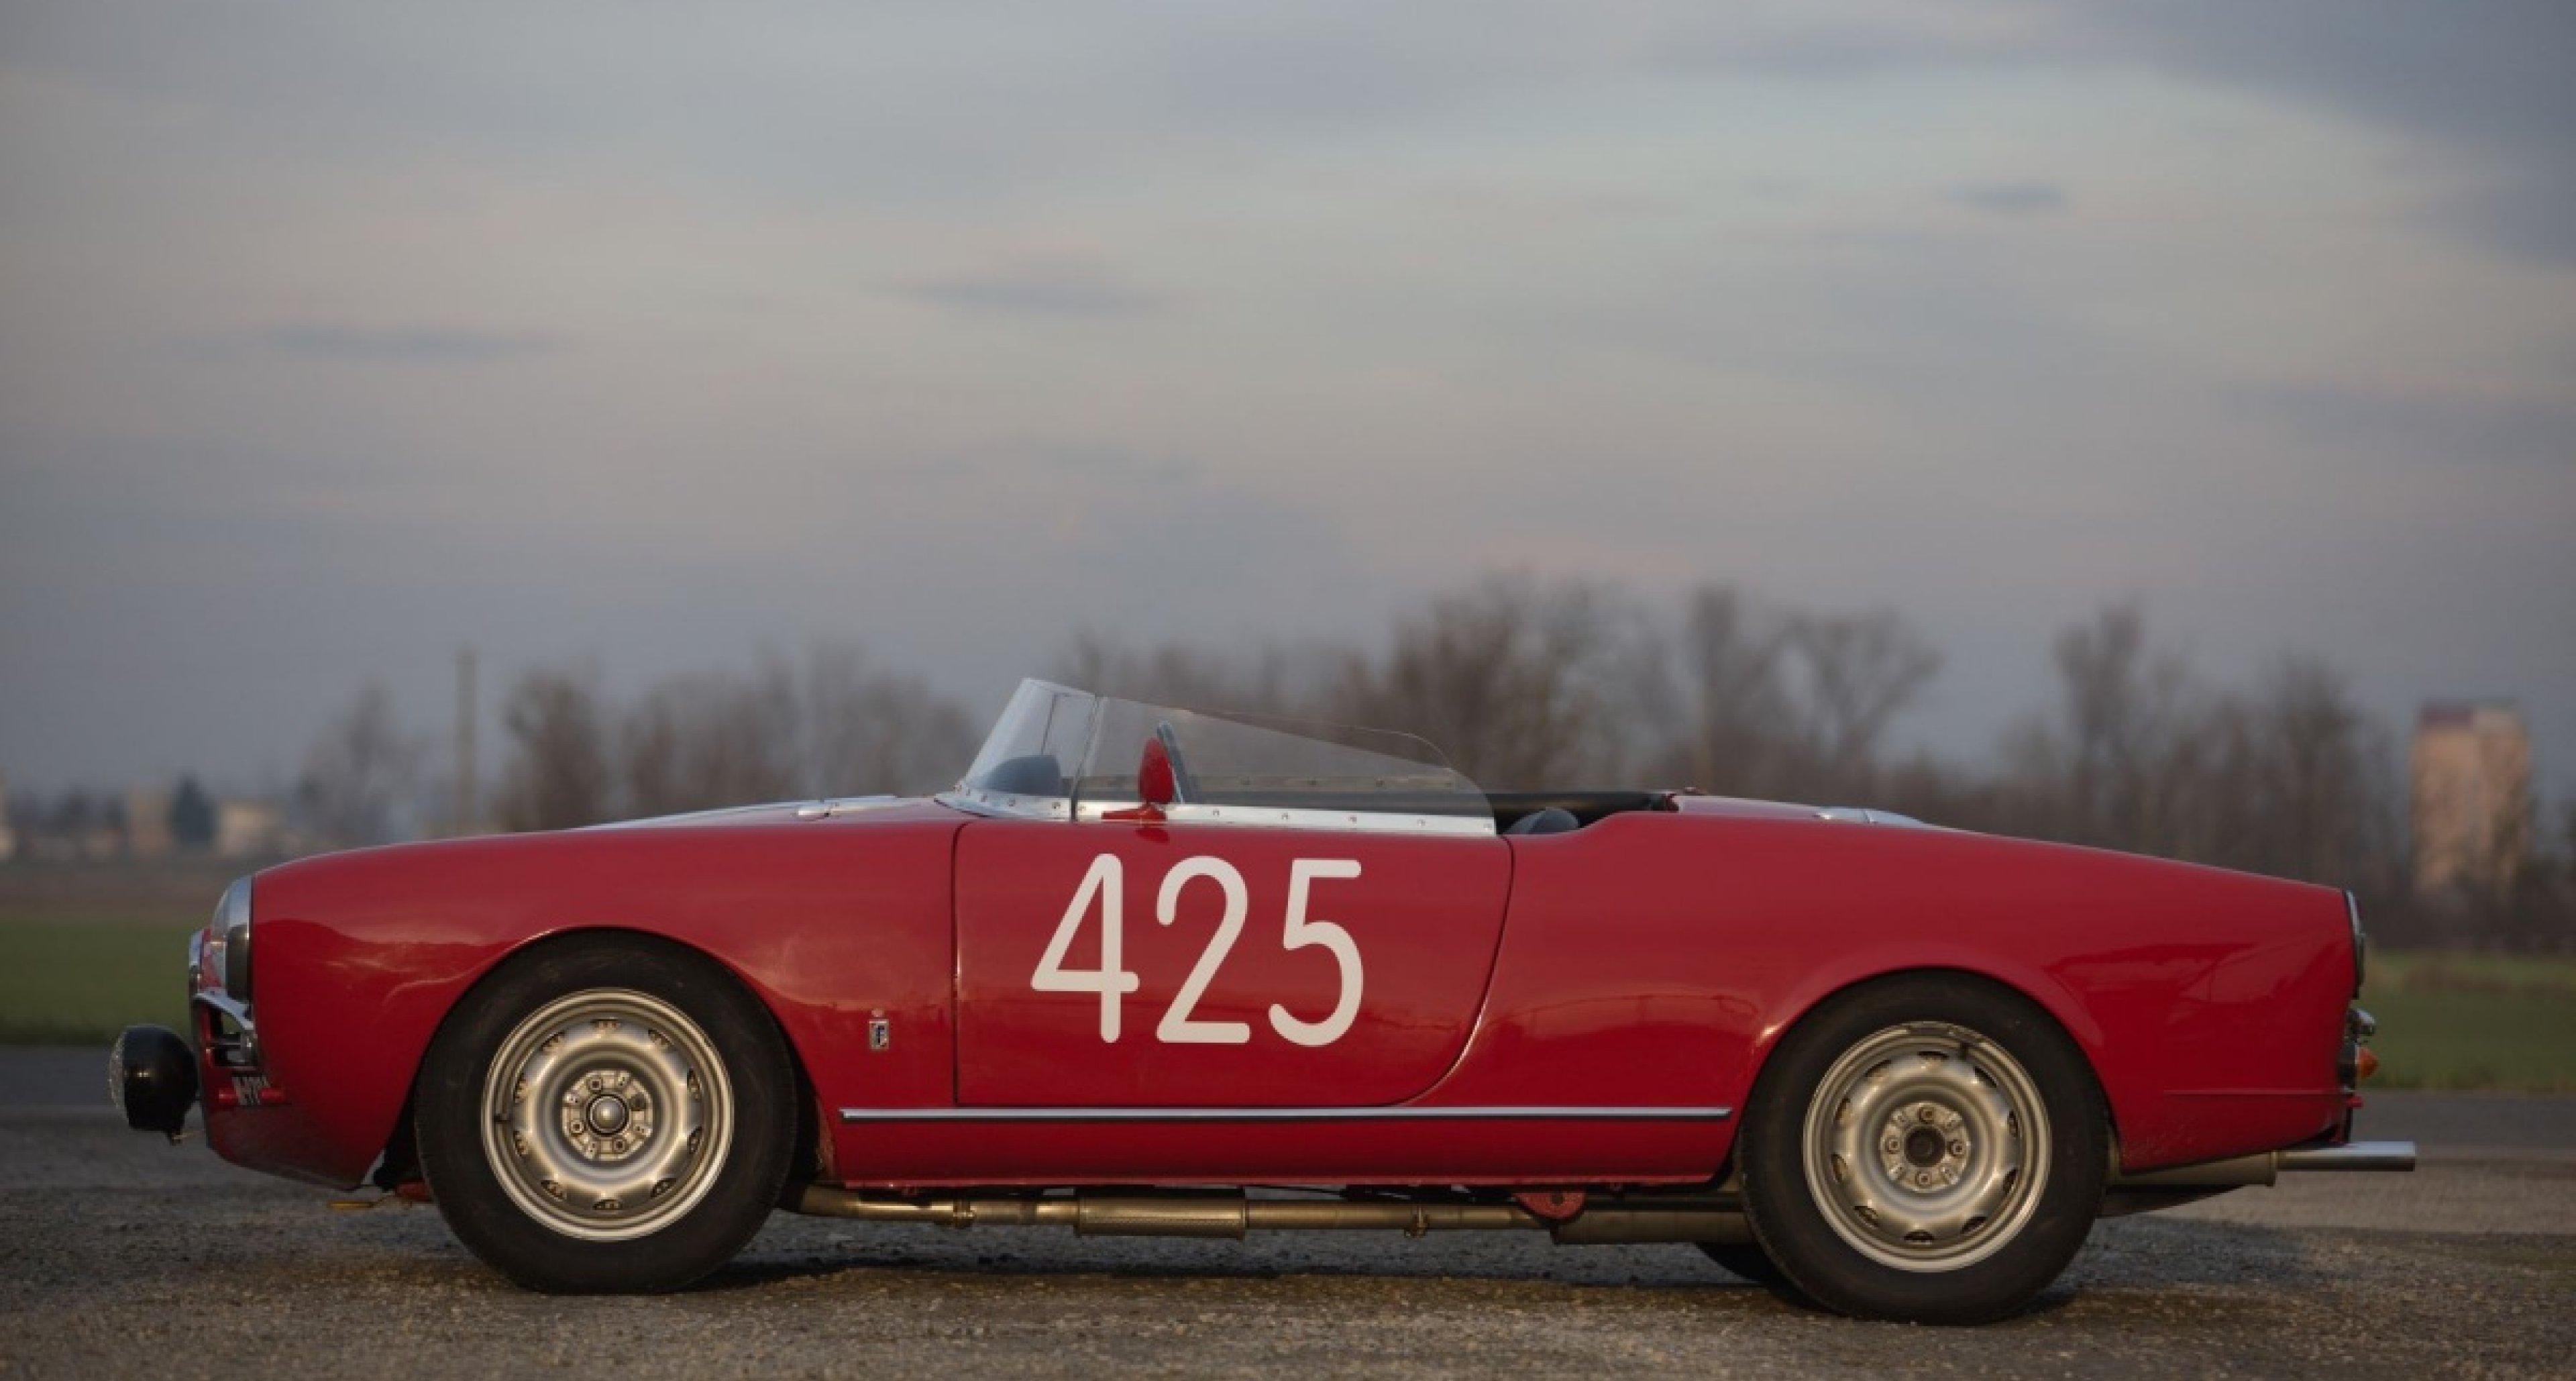 Artcurial auction at the 2014 Le Mans Classic